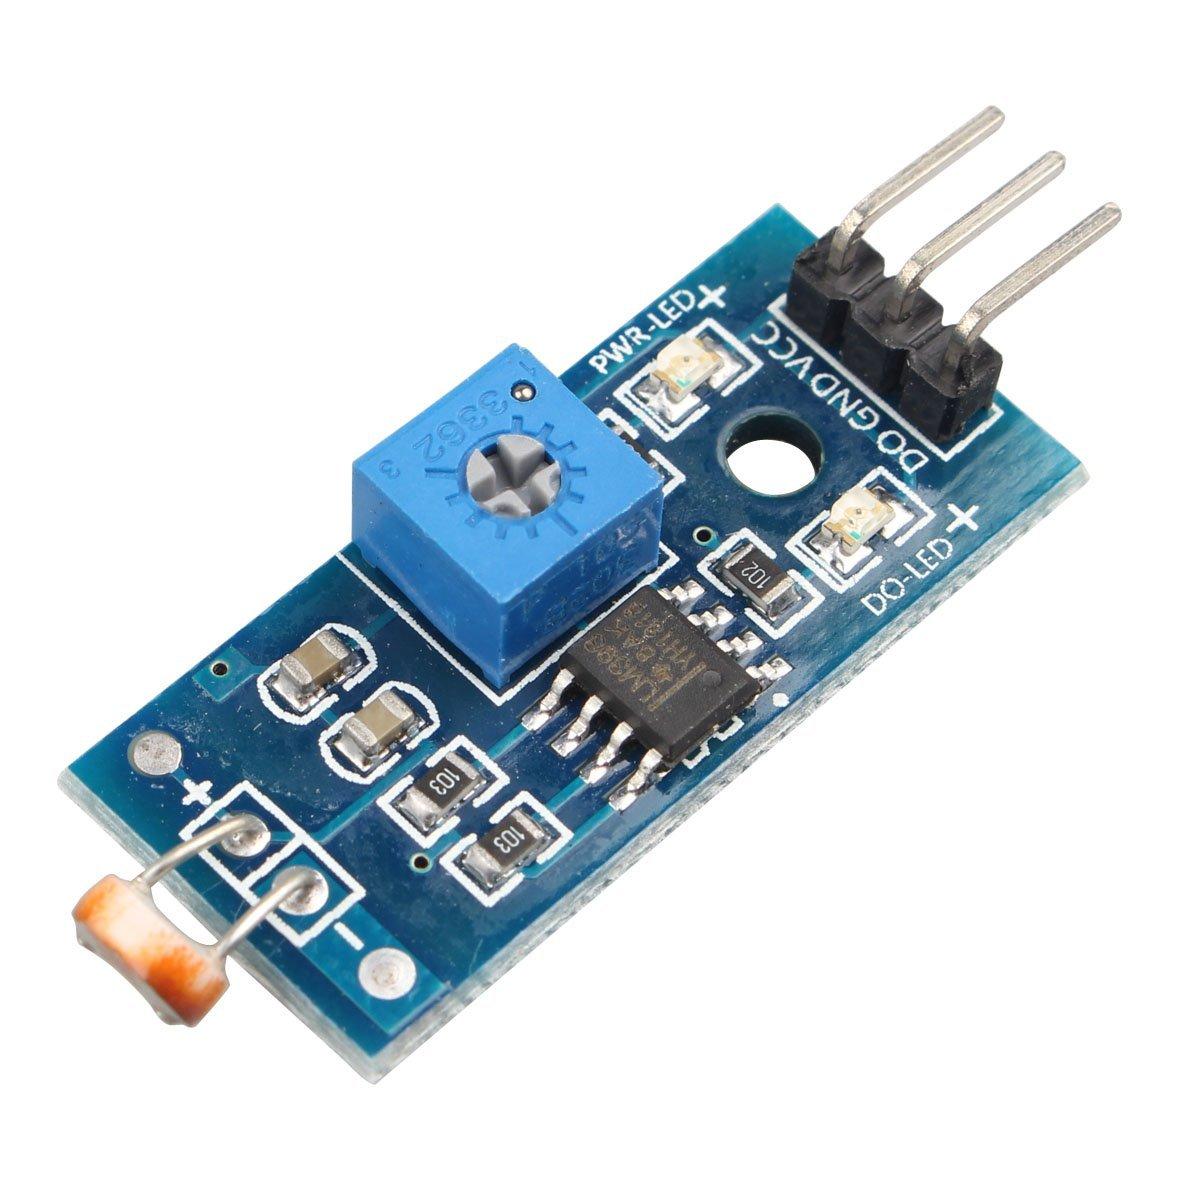 4針光敏電阻感測器模組  光線檢測光敏電阻模組